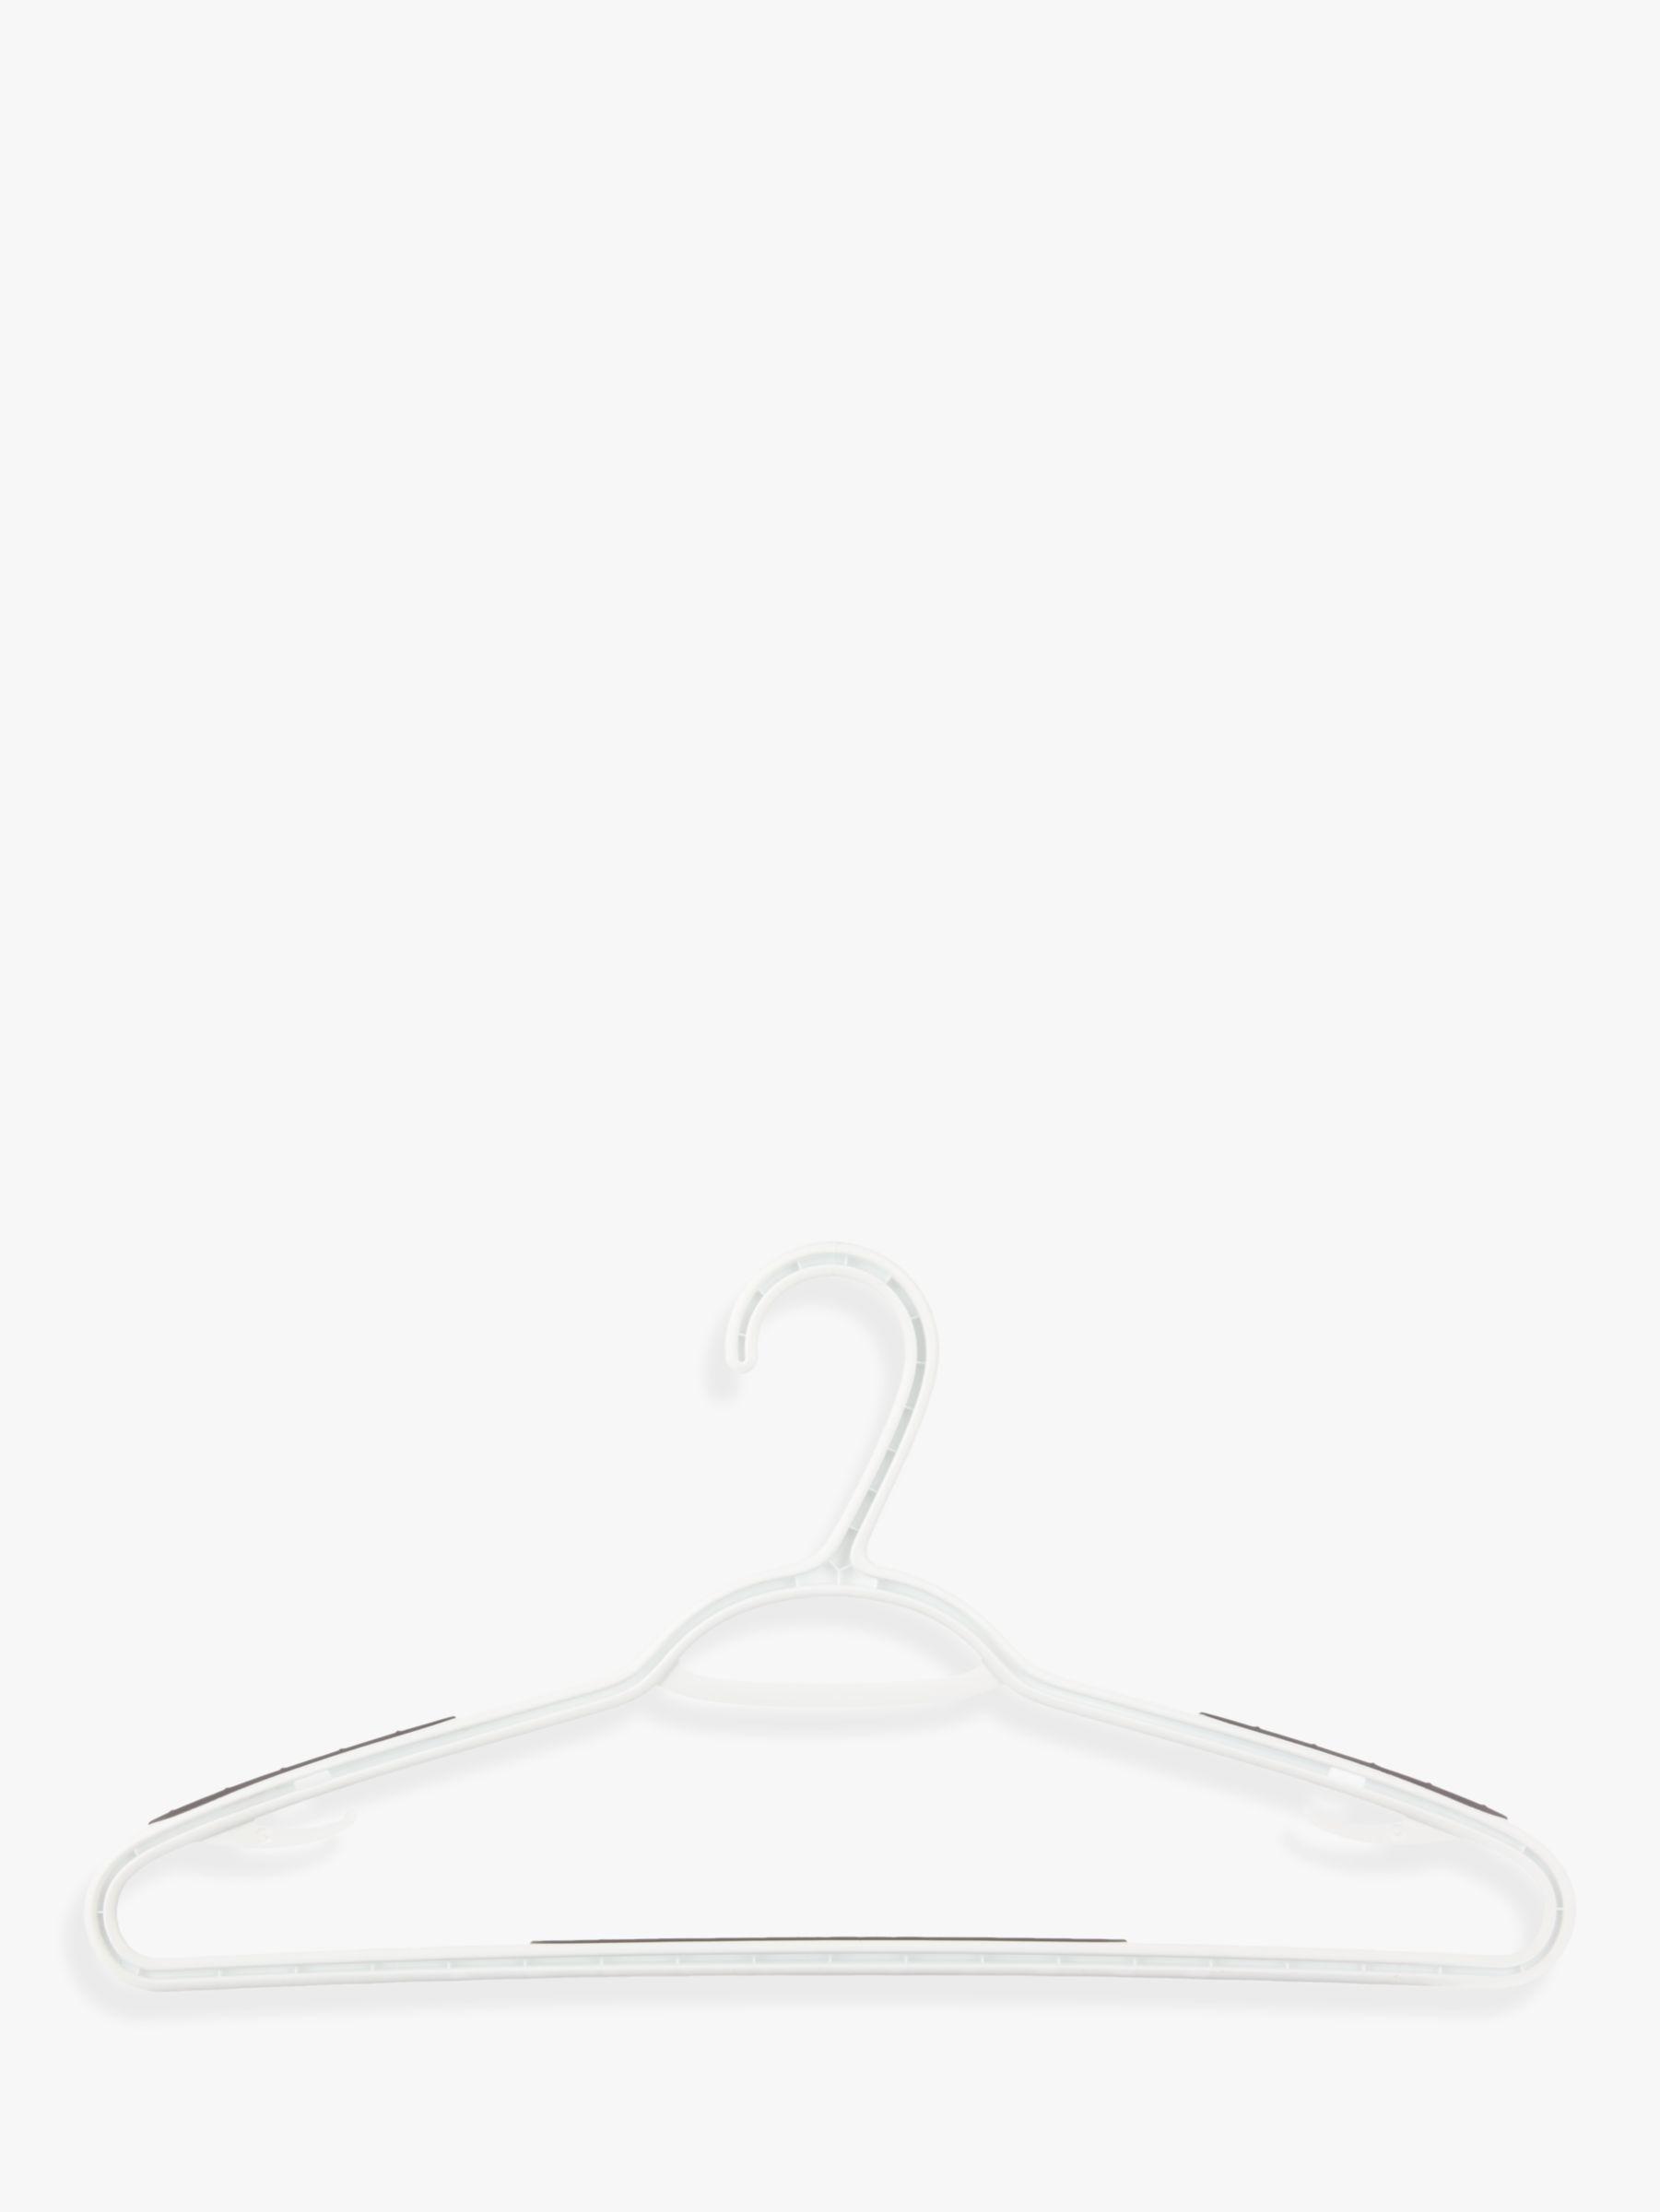 neatfreak neatfreak Nonslip Hangers, Pack of 20